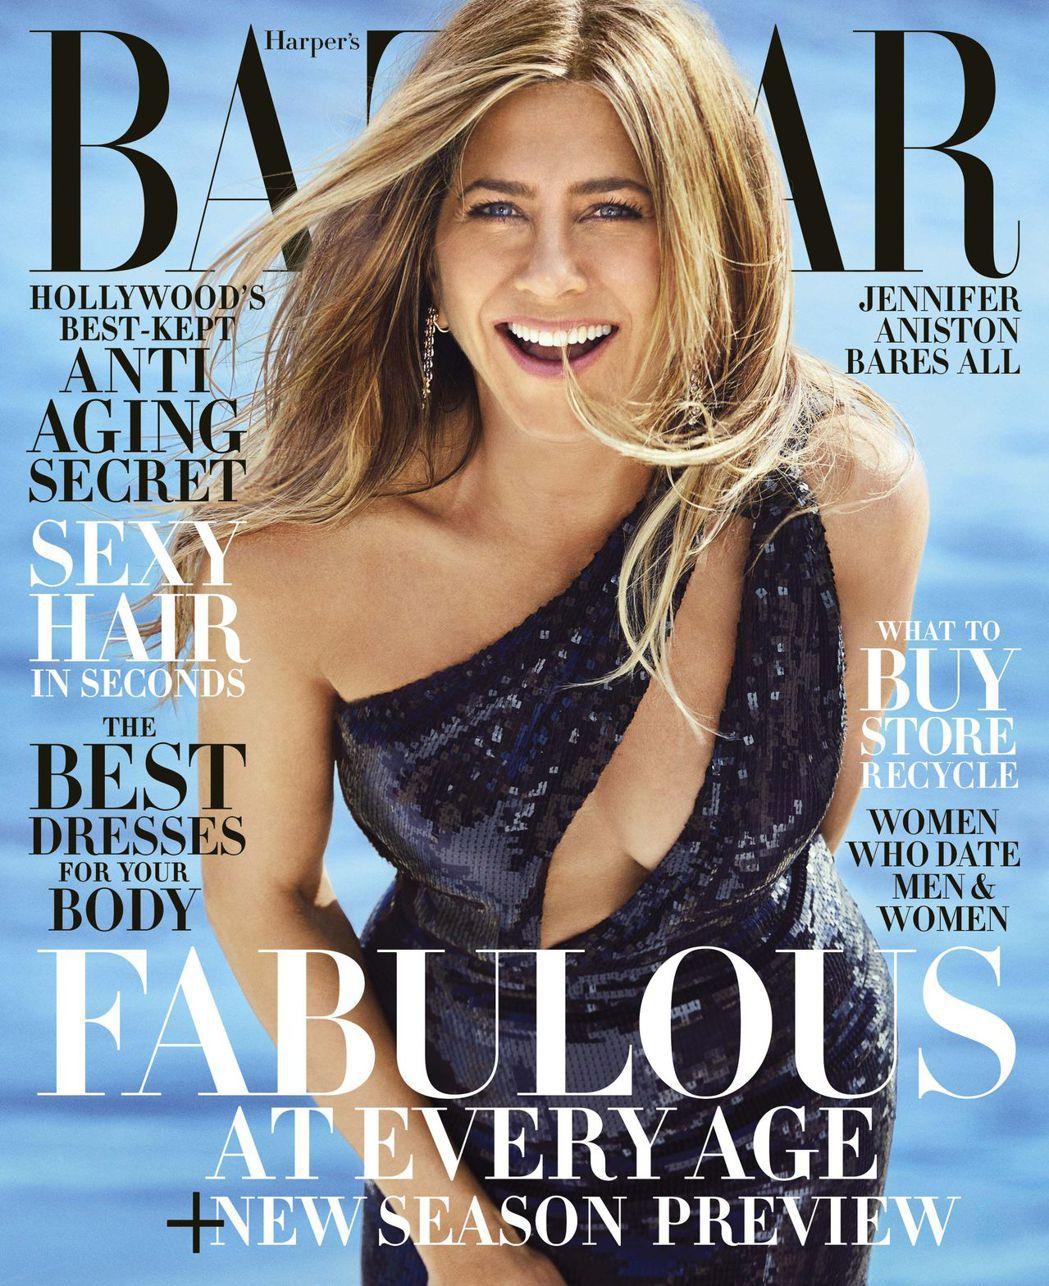 珍妮佛安妮絲頓對自己年過半百的體態仍很自豪。圖/摘自Harpers Bazaar